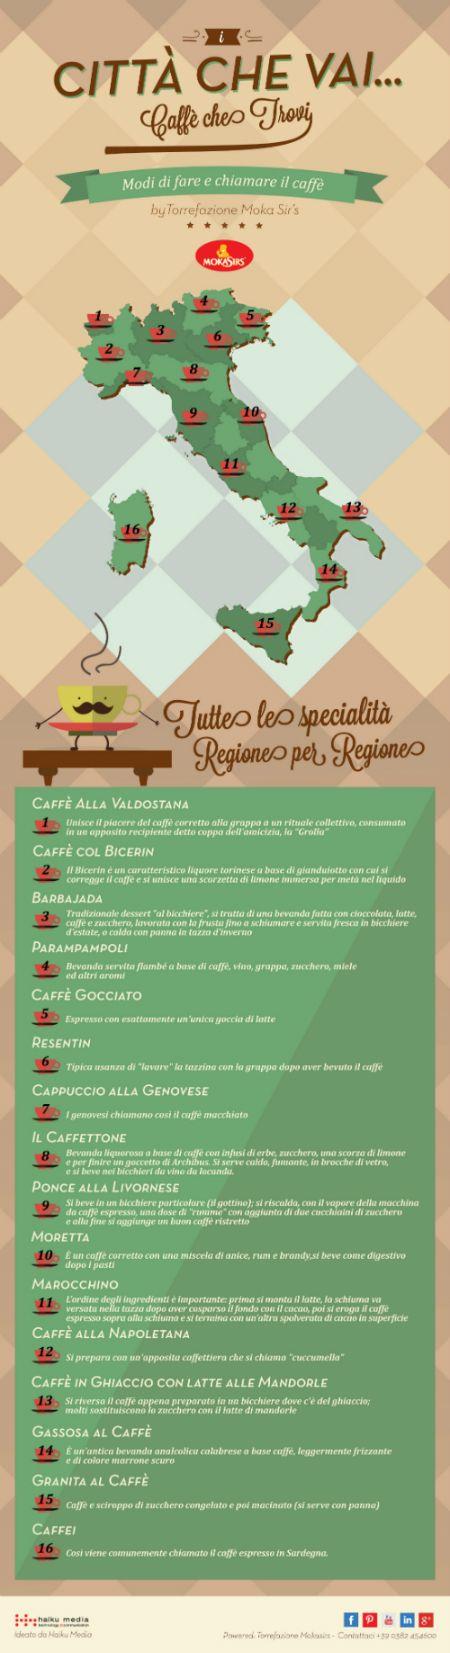 Città che vai, Caffè che trovi.  Quanti sono i modi in cui ordiniamo o realizziamo un caffè in Italia? Decine! forse centinaia.